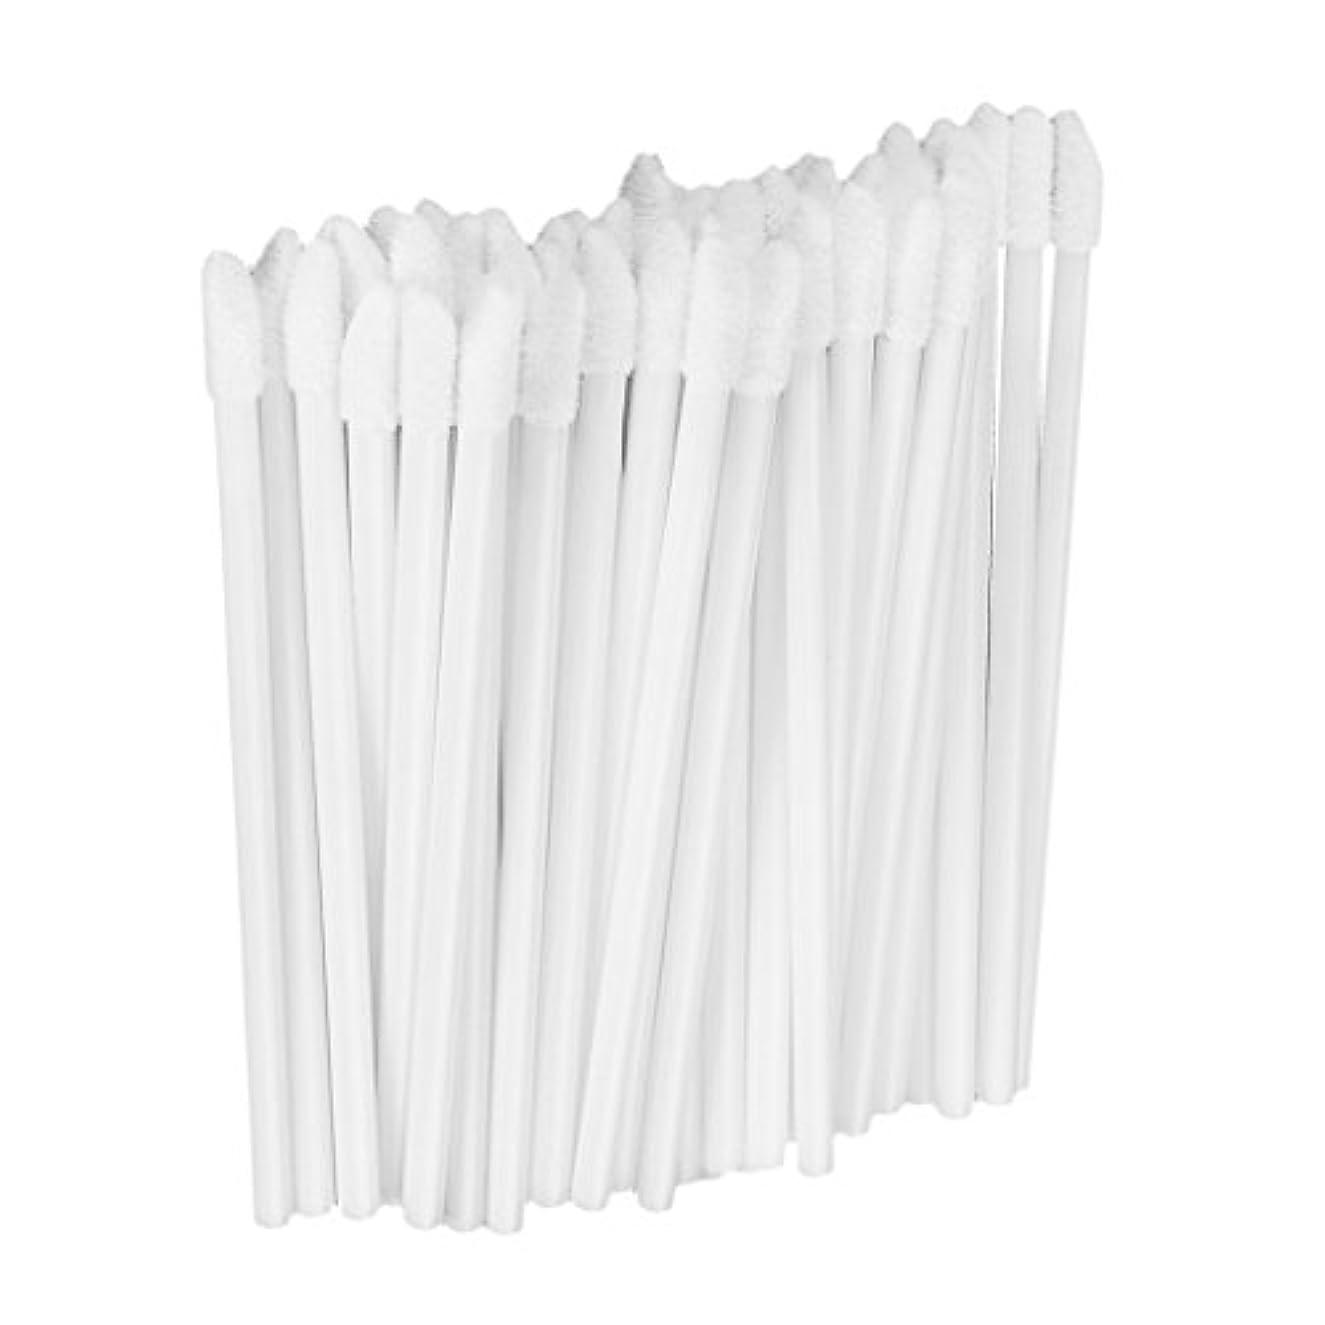 流星珍味上記の頭と肩約50本 メイクアップブラシ リップスティックブラシ 使い捨て リップブラシ リップワンド メイク道具 5色選べる - 白